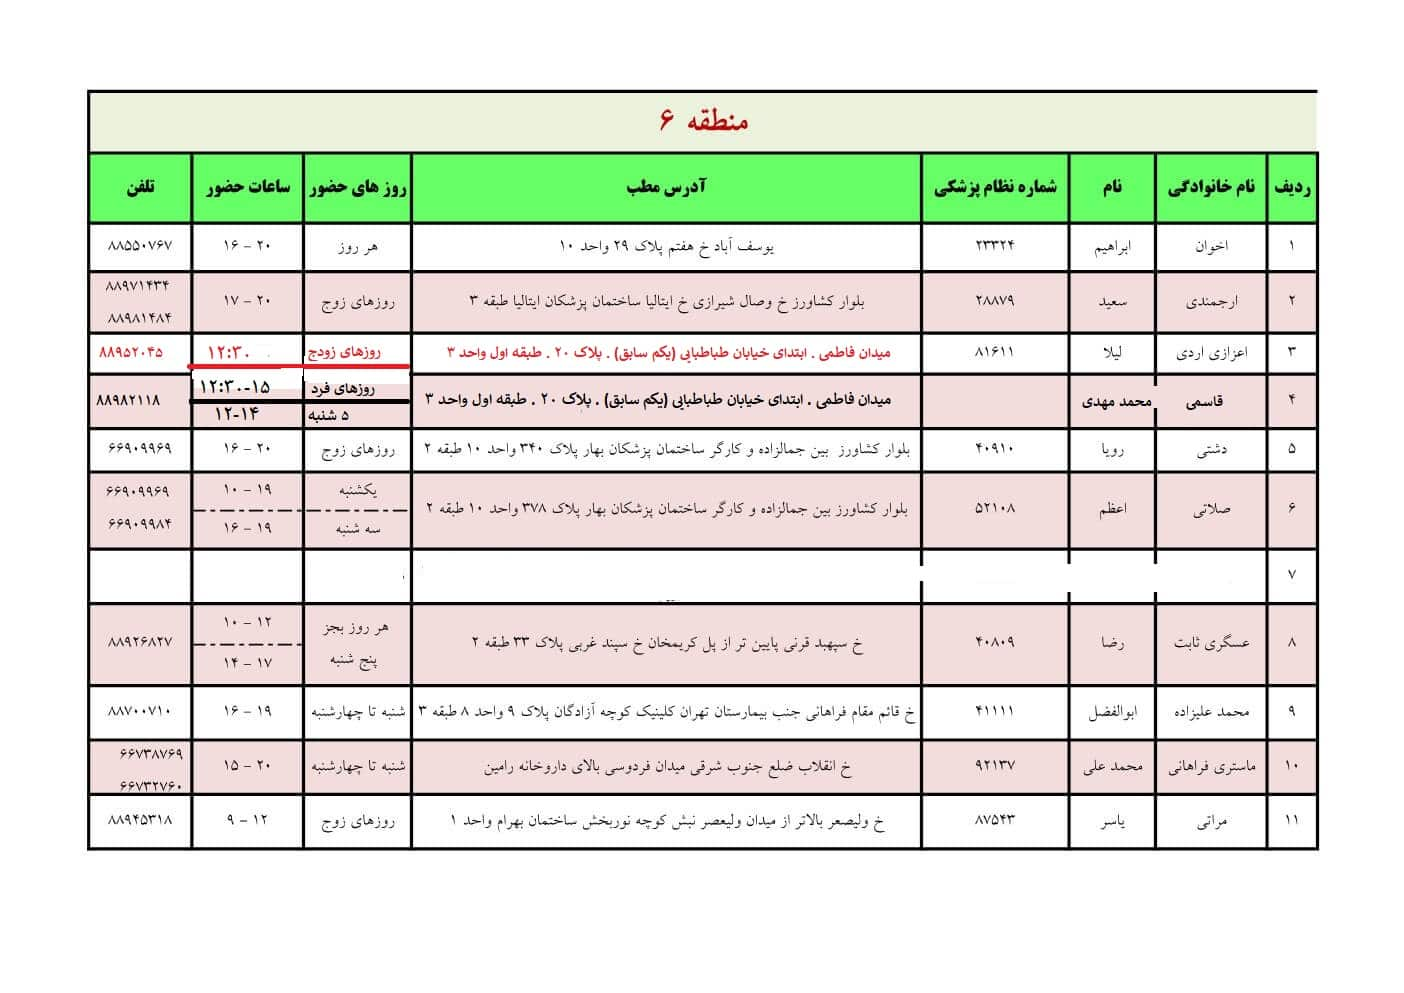 لیست پزشکان معاینه چشم منطقه 6 تهران